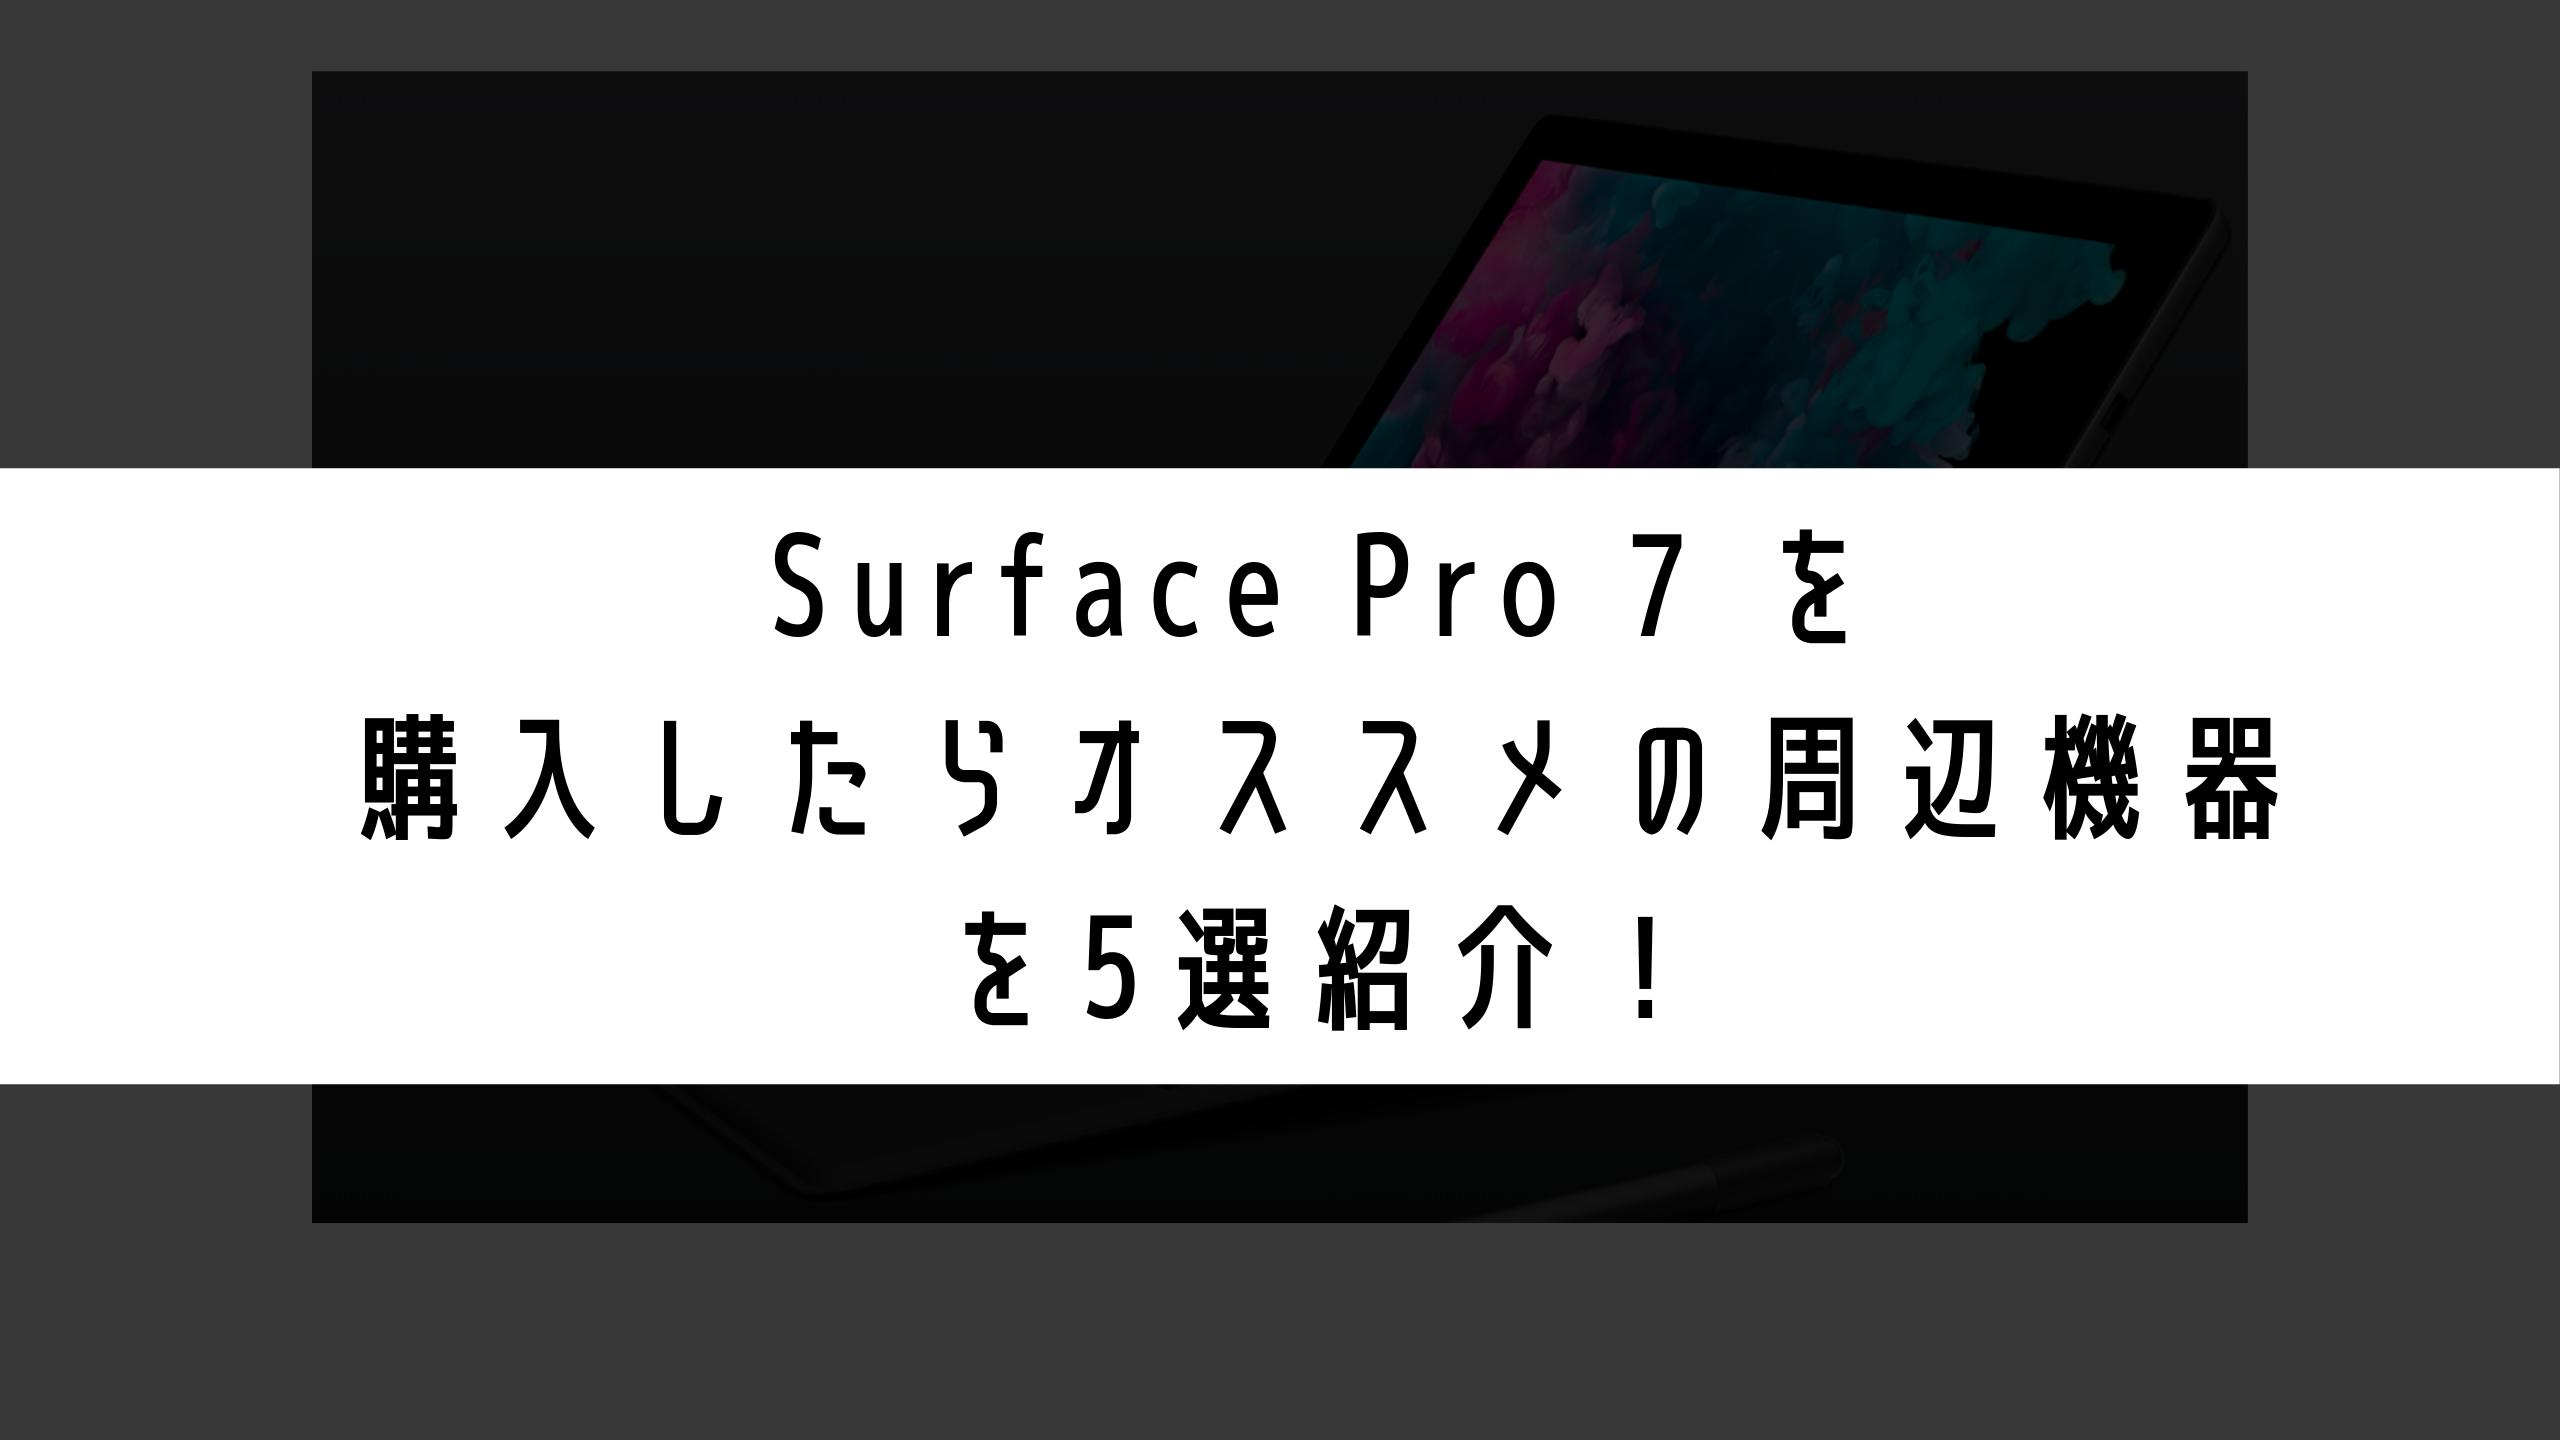 7 プロ マイクロソフト サーフェス